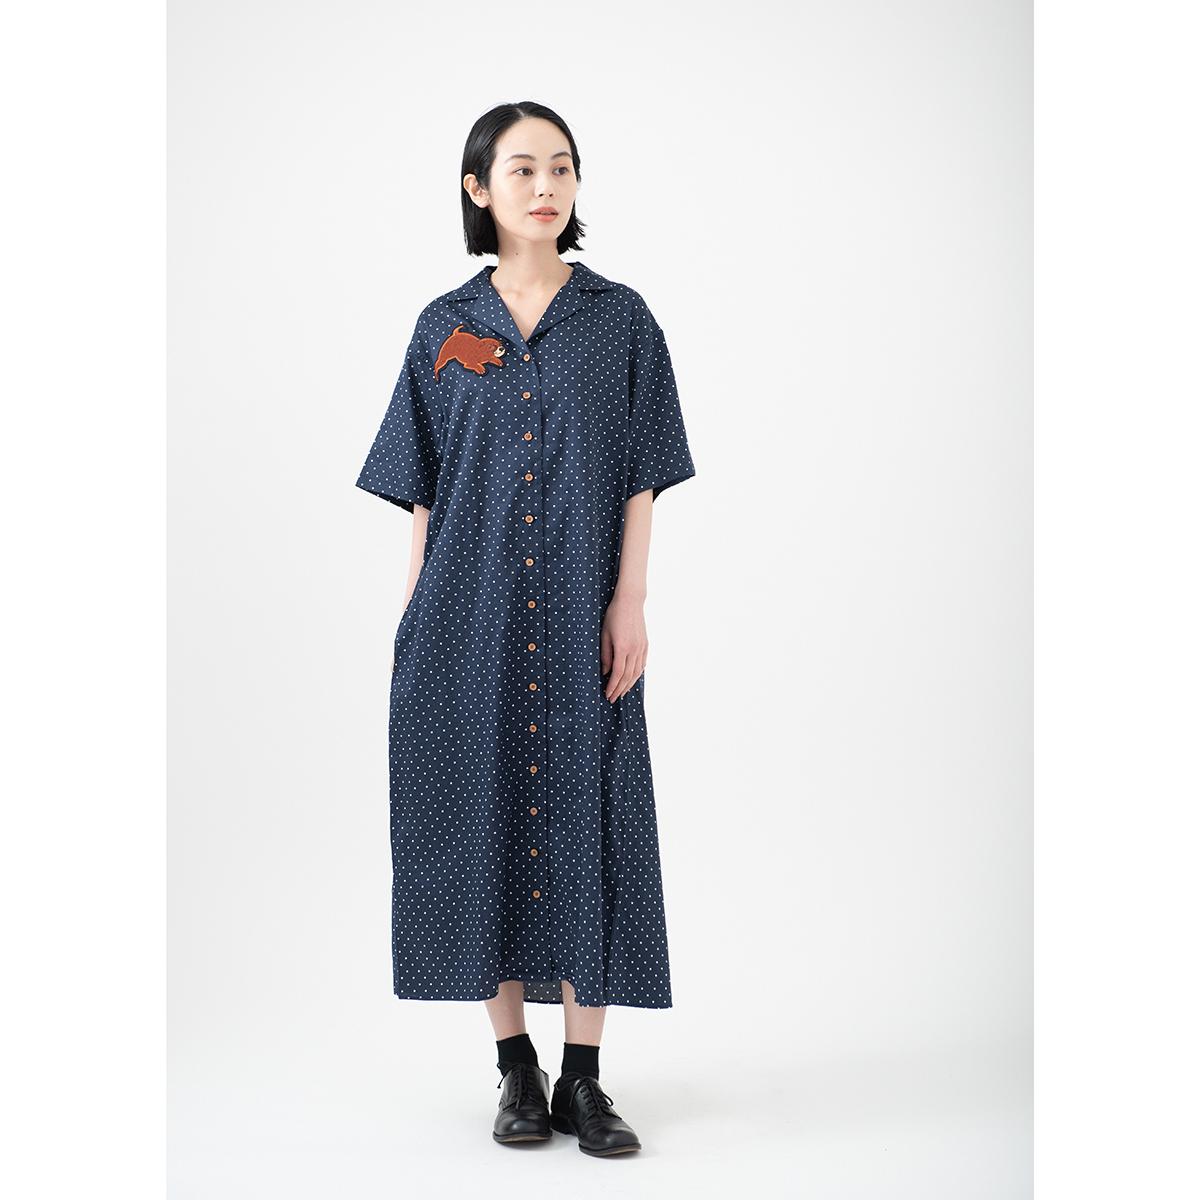 KY08-776/半袖ドッドシャツワンピース(紺)/ころ